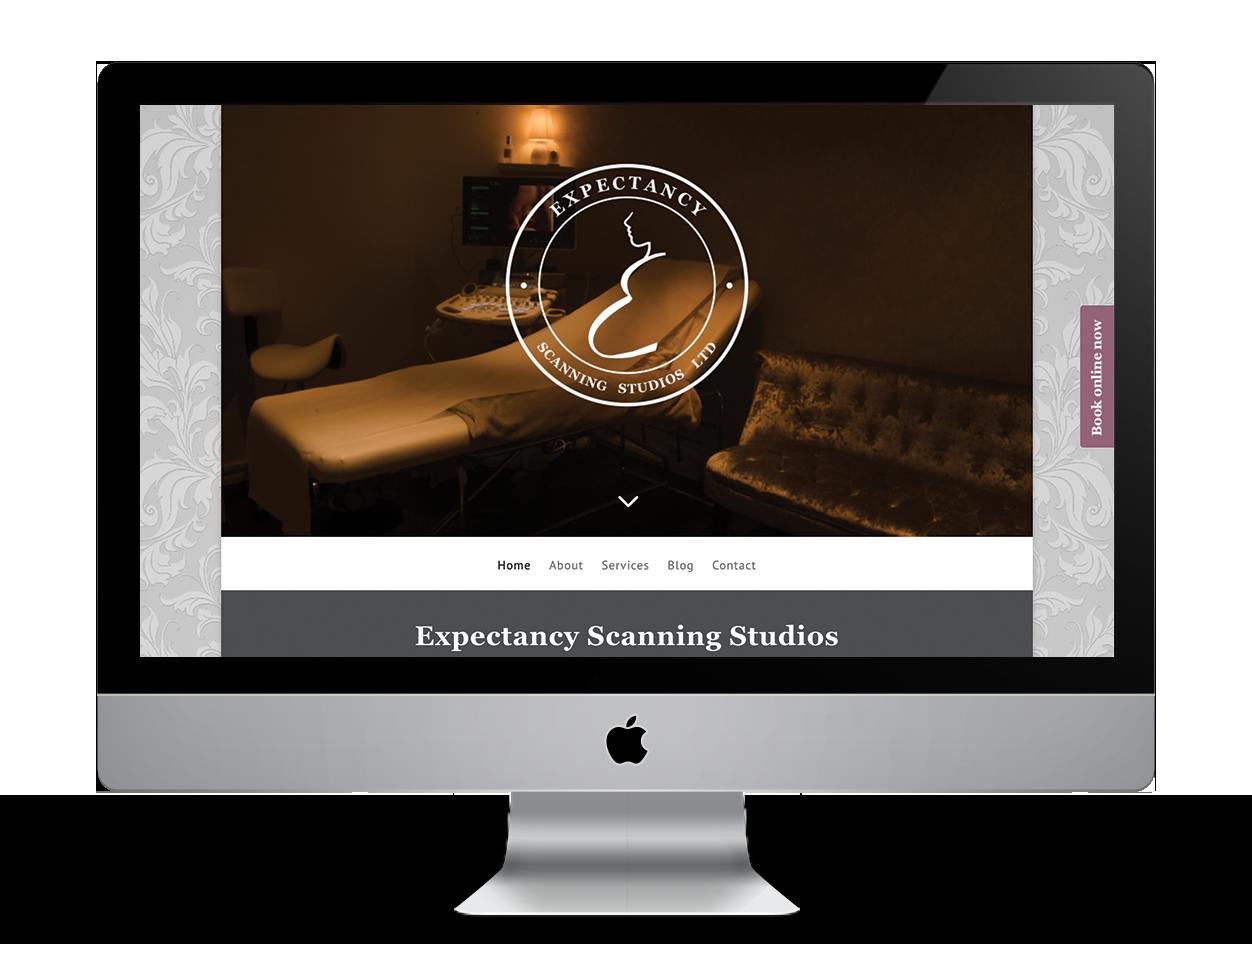 Expectancy Scanning Studios website